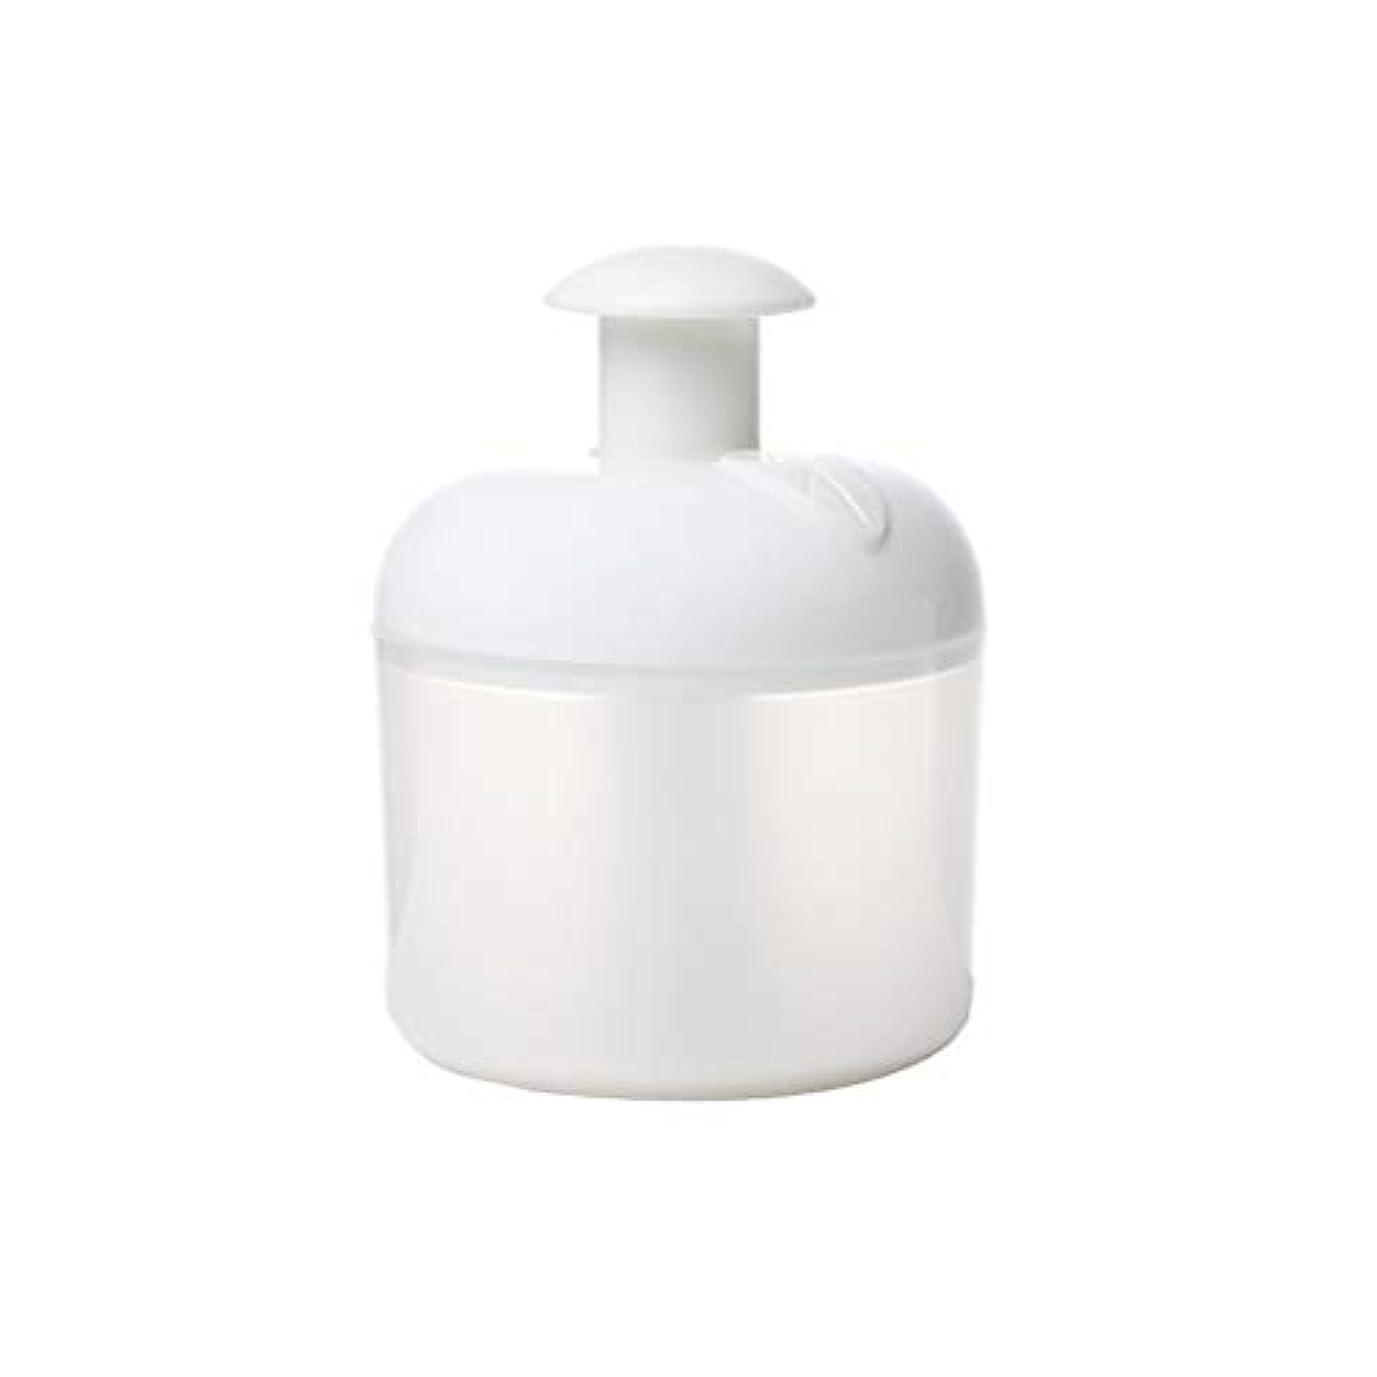 同行するラブシュガーLurrose 洗顔泡立て器フェイスクレンザーバブルメーカー用フェイスウォッシュスキンケアトラベル家庭用(ホワイト)